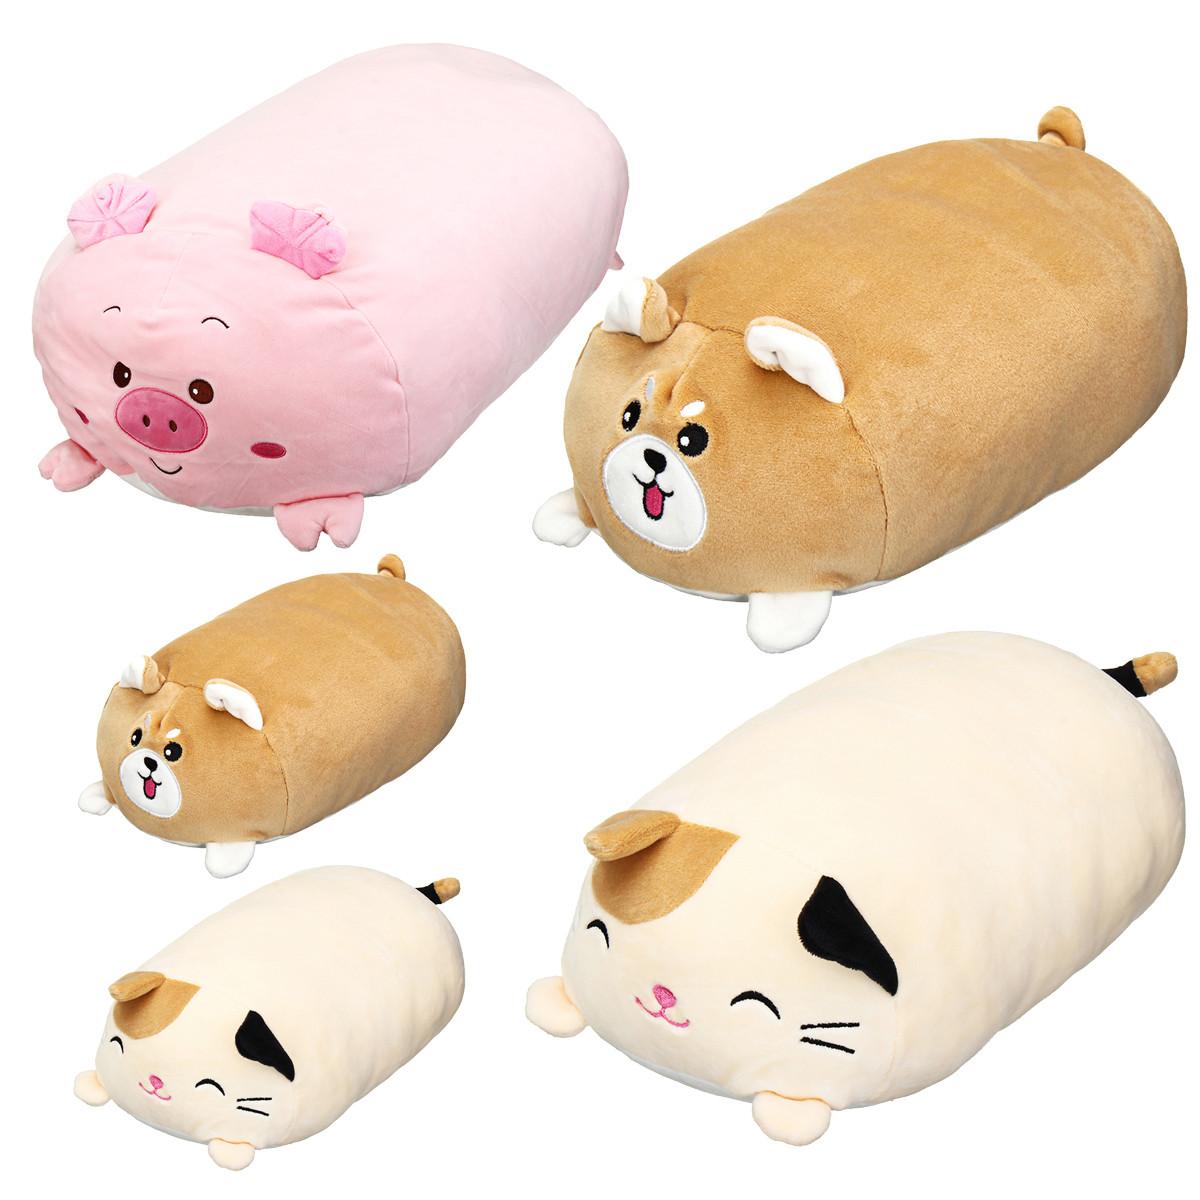 30/60 см пухлые милые Soft животных мультфильм подушку фаршированные плюшевые игрушки фаршированные щенка подушечка котенка - 1TopShop